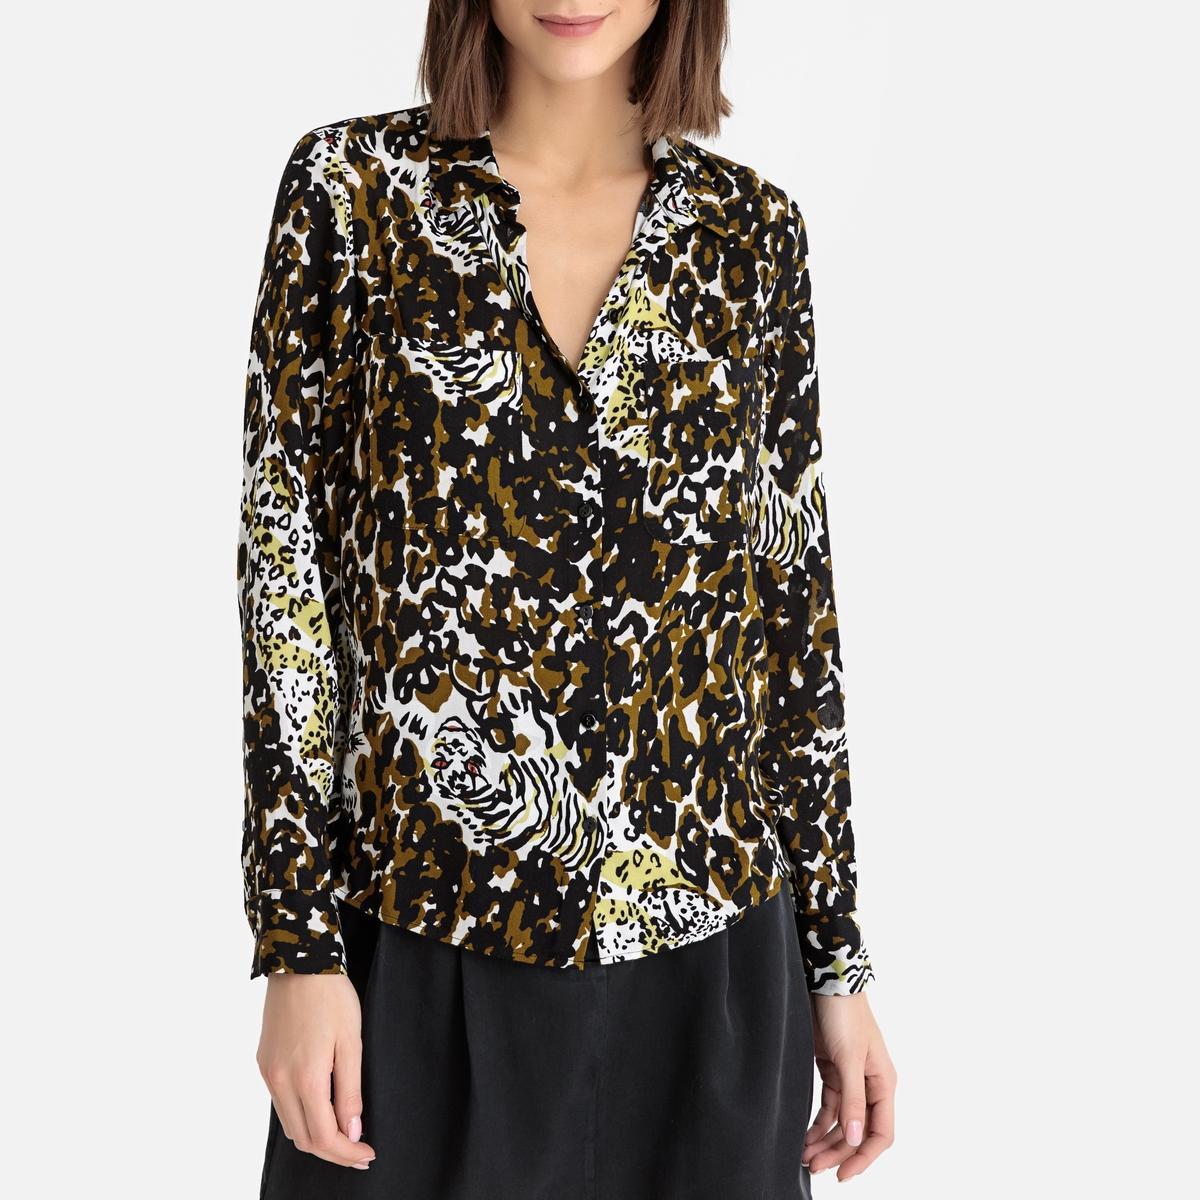 цена Блузка La Redoute С рисунком и длинными рукавами M каштановый онлайн в 2017 году